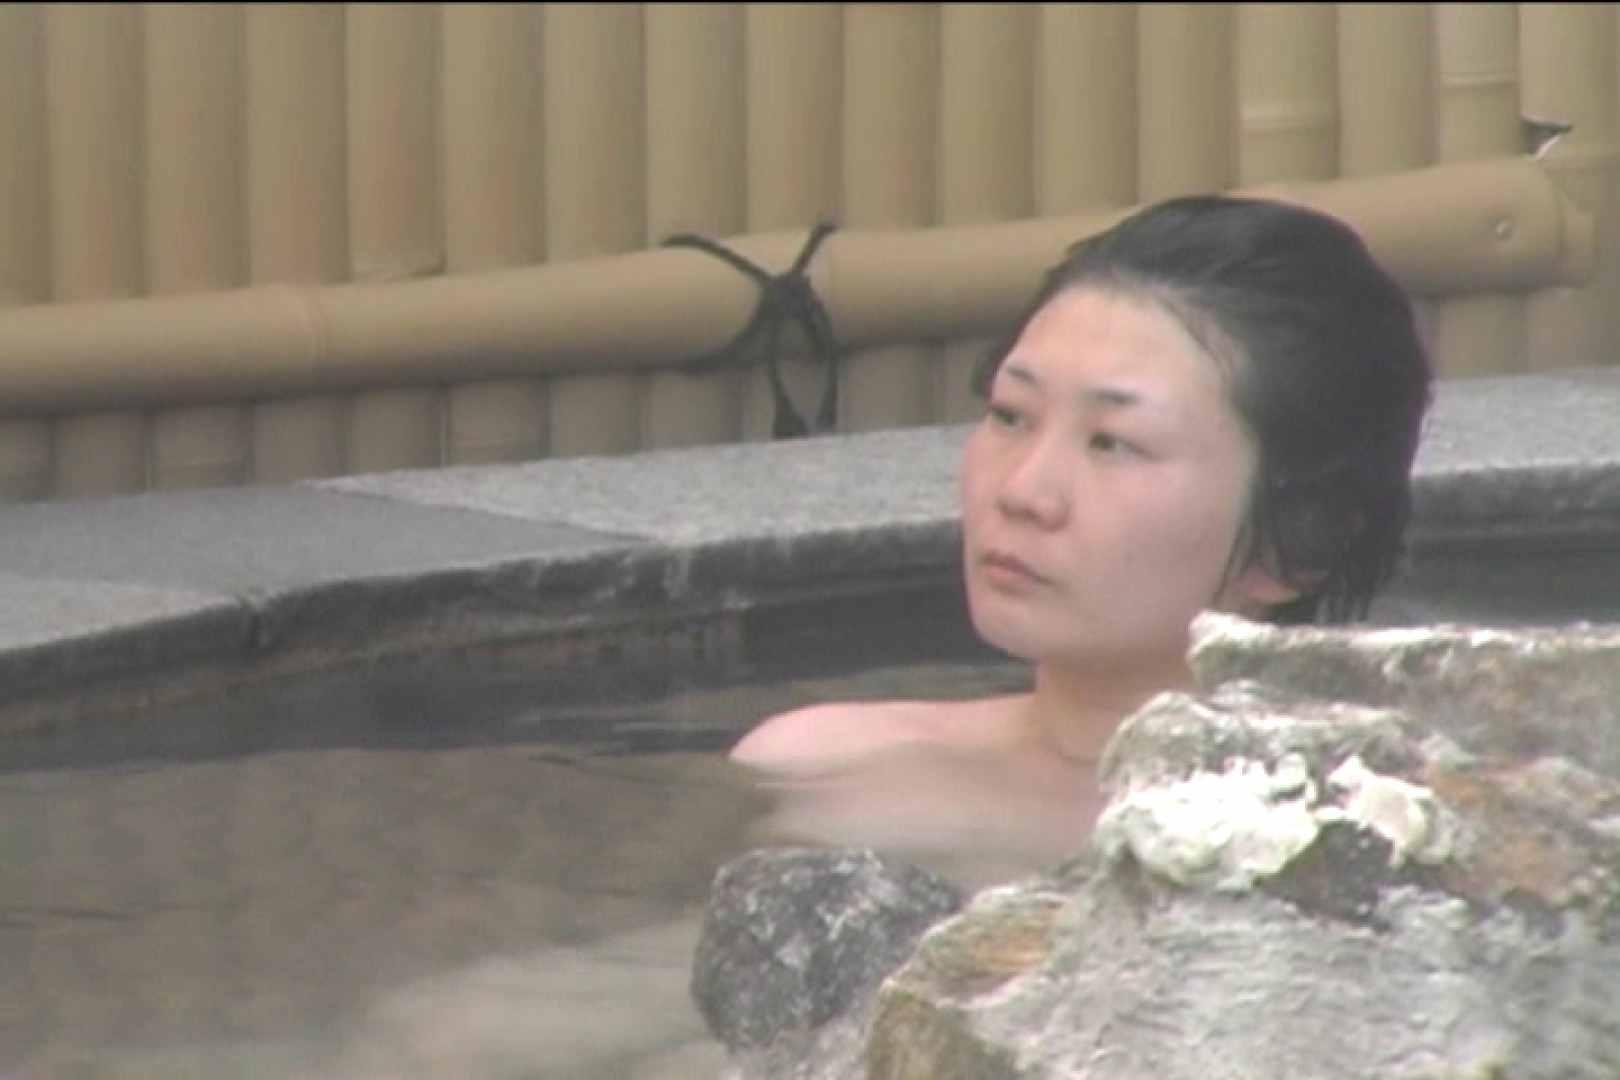 Aquaな露天風呂Vol.531 盗撮 | 綺麗なOLたち  76枚 43